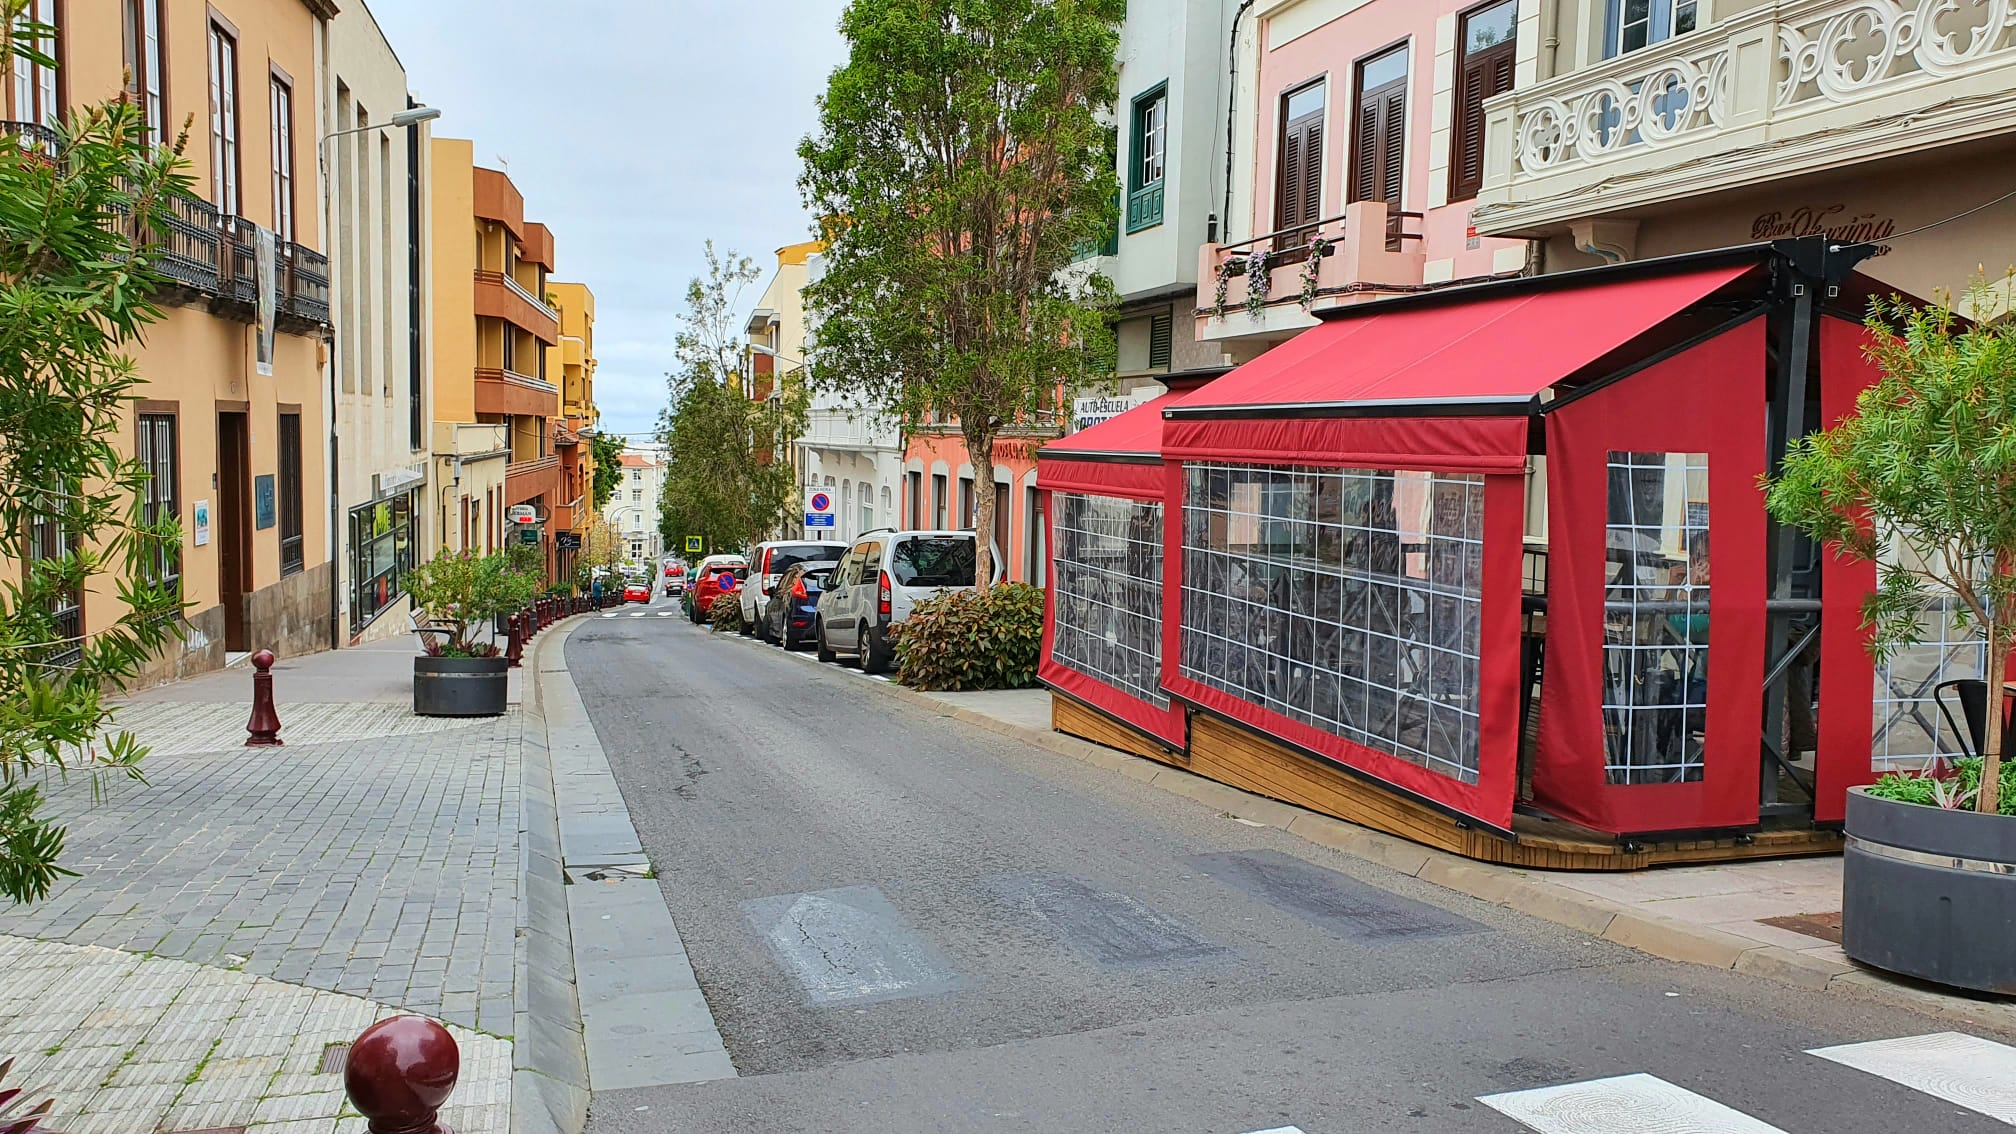 El Ayuntamiento de La Orotava aprobará una ordenanza reguladora de ocupación de vías públicas para que bares y cafeterías dispongan de terraza . Los empresarios dispondrán de un 75% de bonificación en la tasa hasta 10 años, y 5 para su adaptación a la normativa, que entrará en vigor en un mes